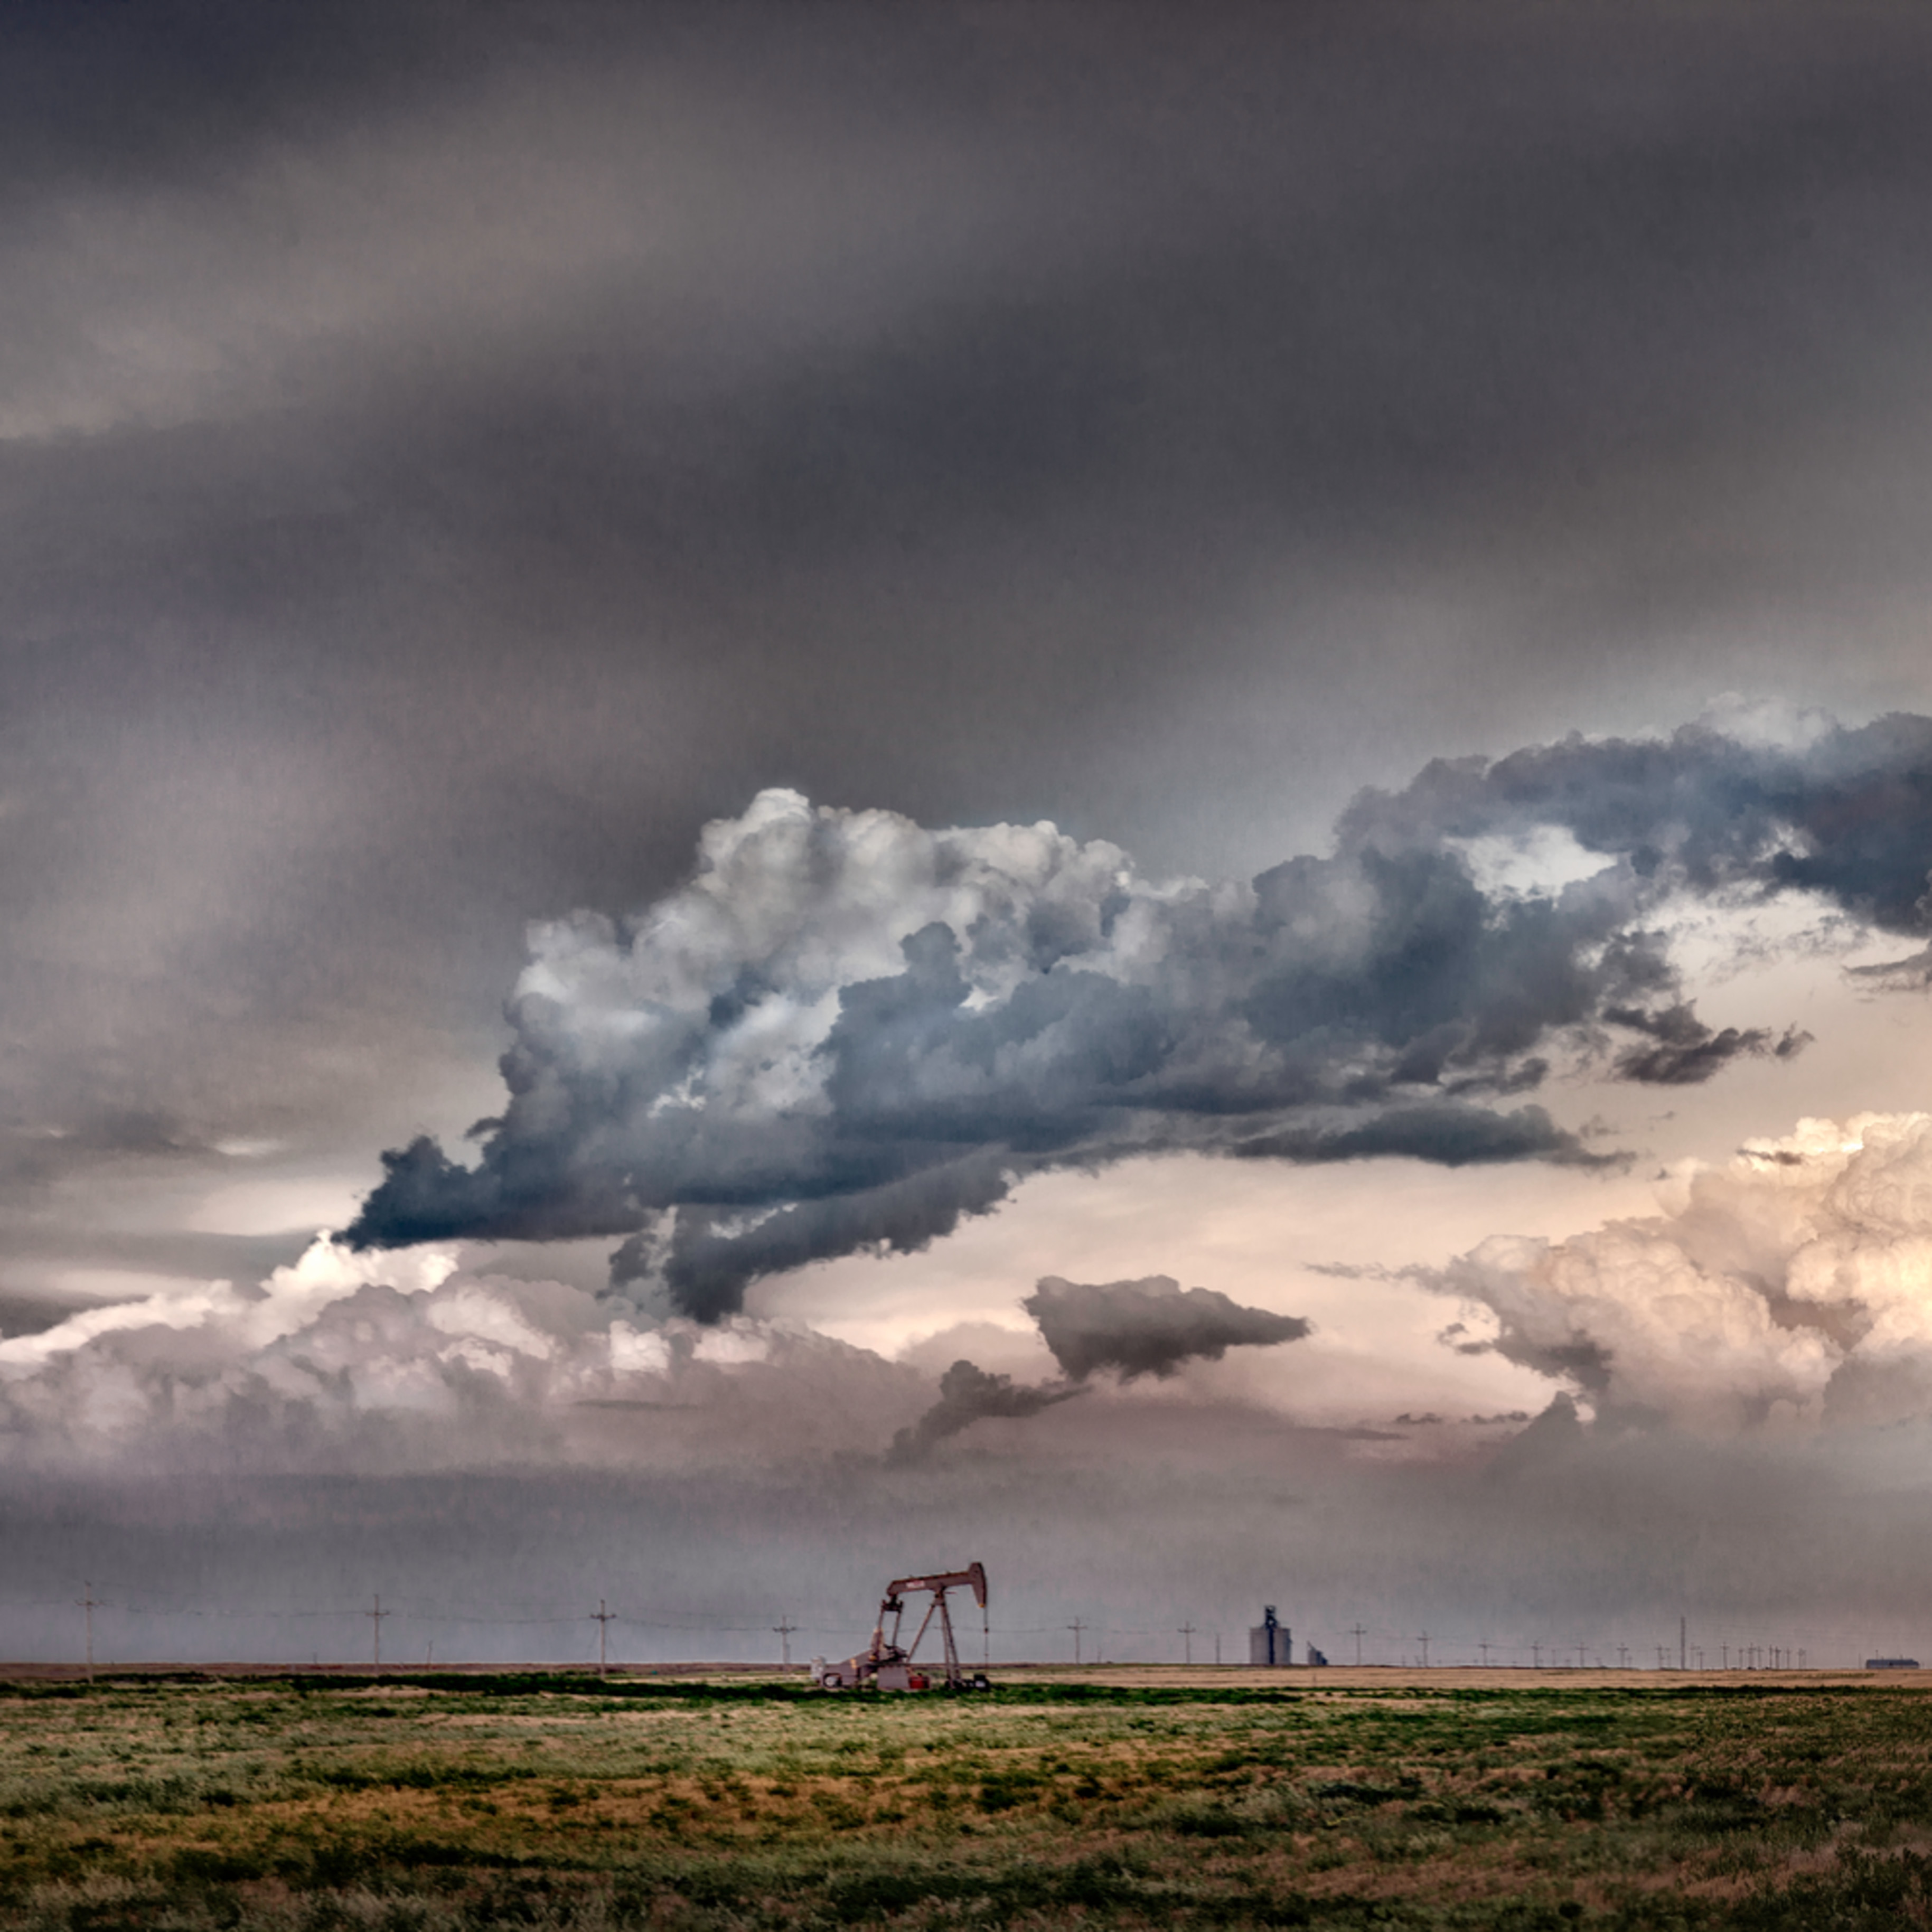 Western kansas cloudscape color s0jelv